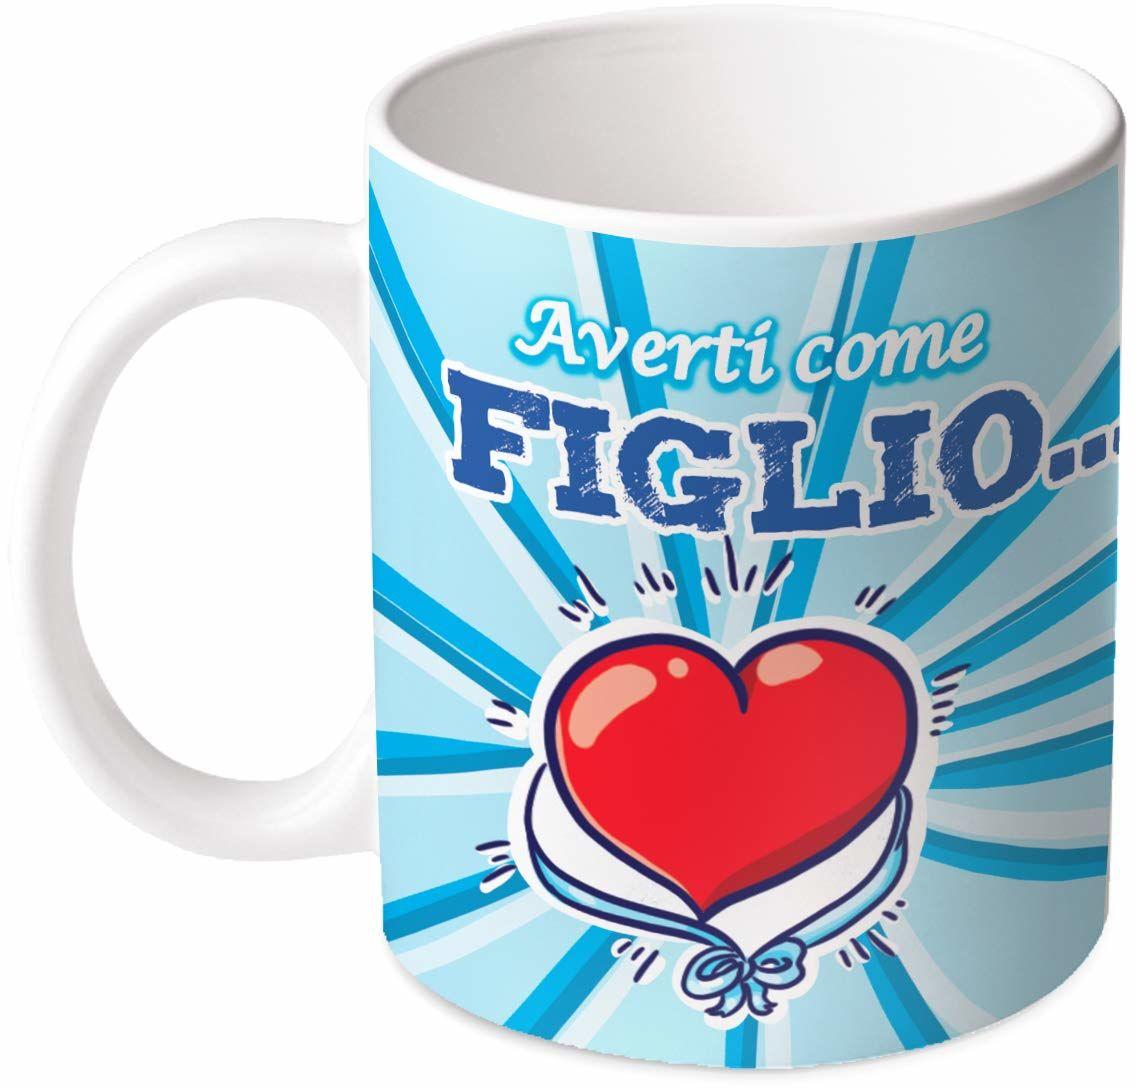 M.M. Group Filiżanka Sentimenti Averti Come Slio jest pięknym Gioia. Sześć jednorożców, 11 uncji, ceramika, wielokolorowa